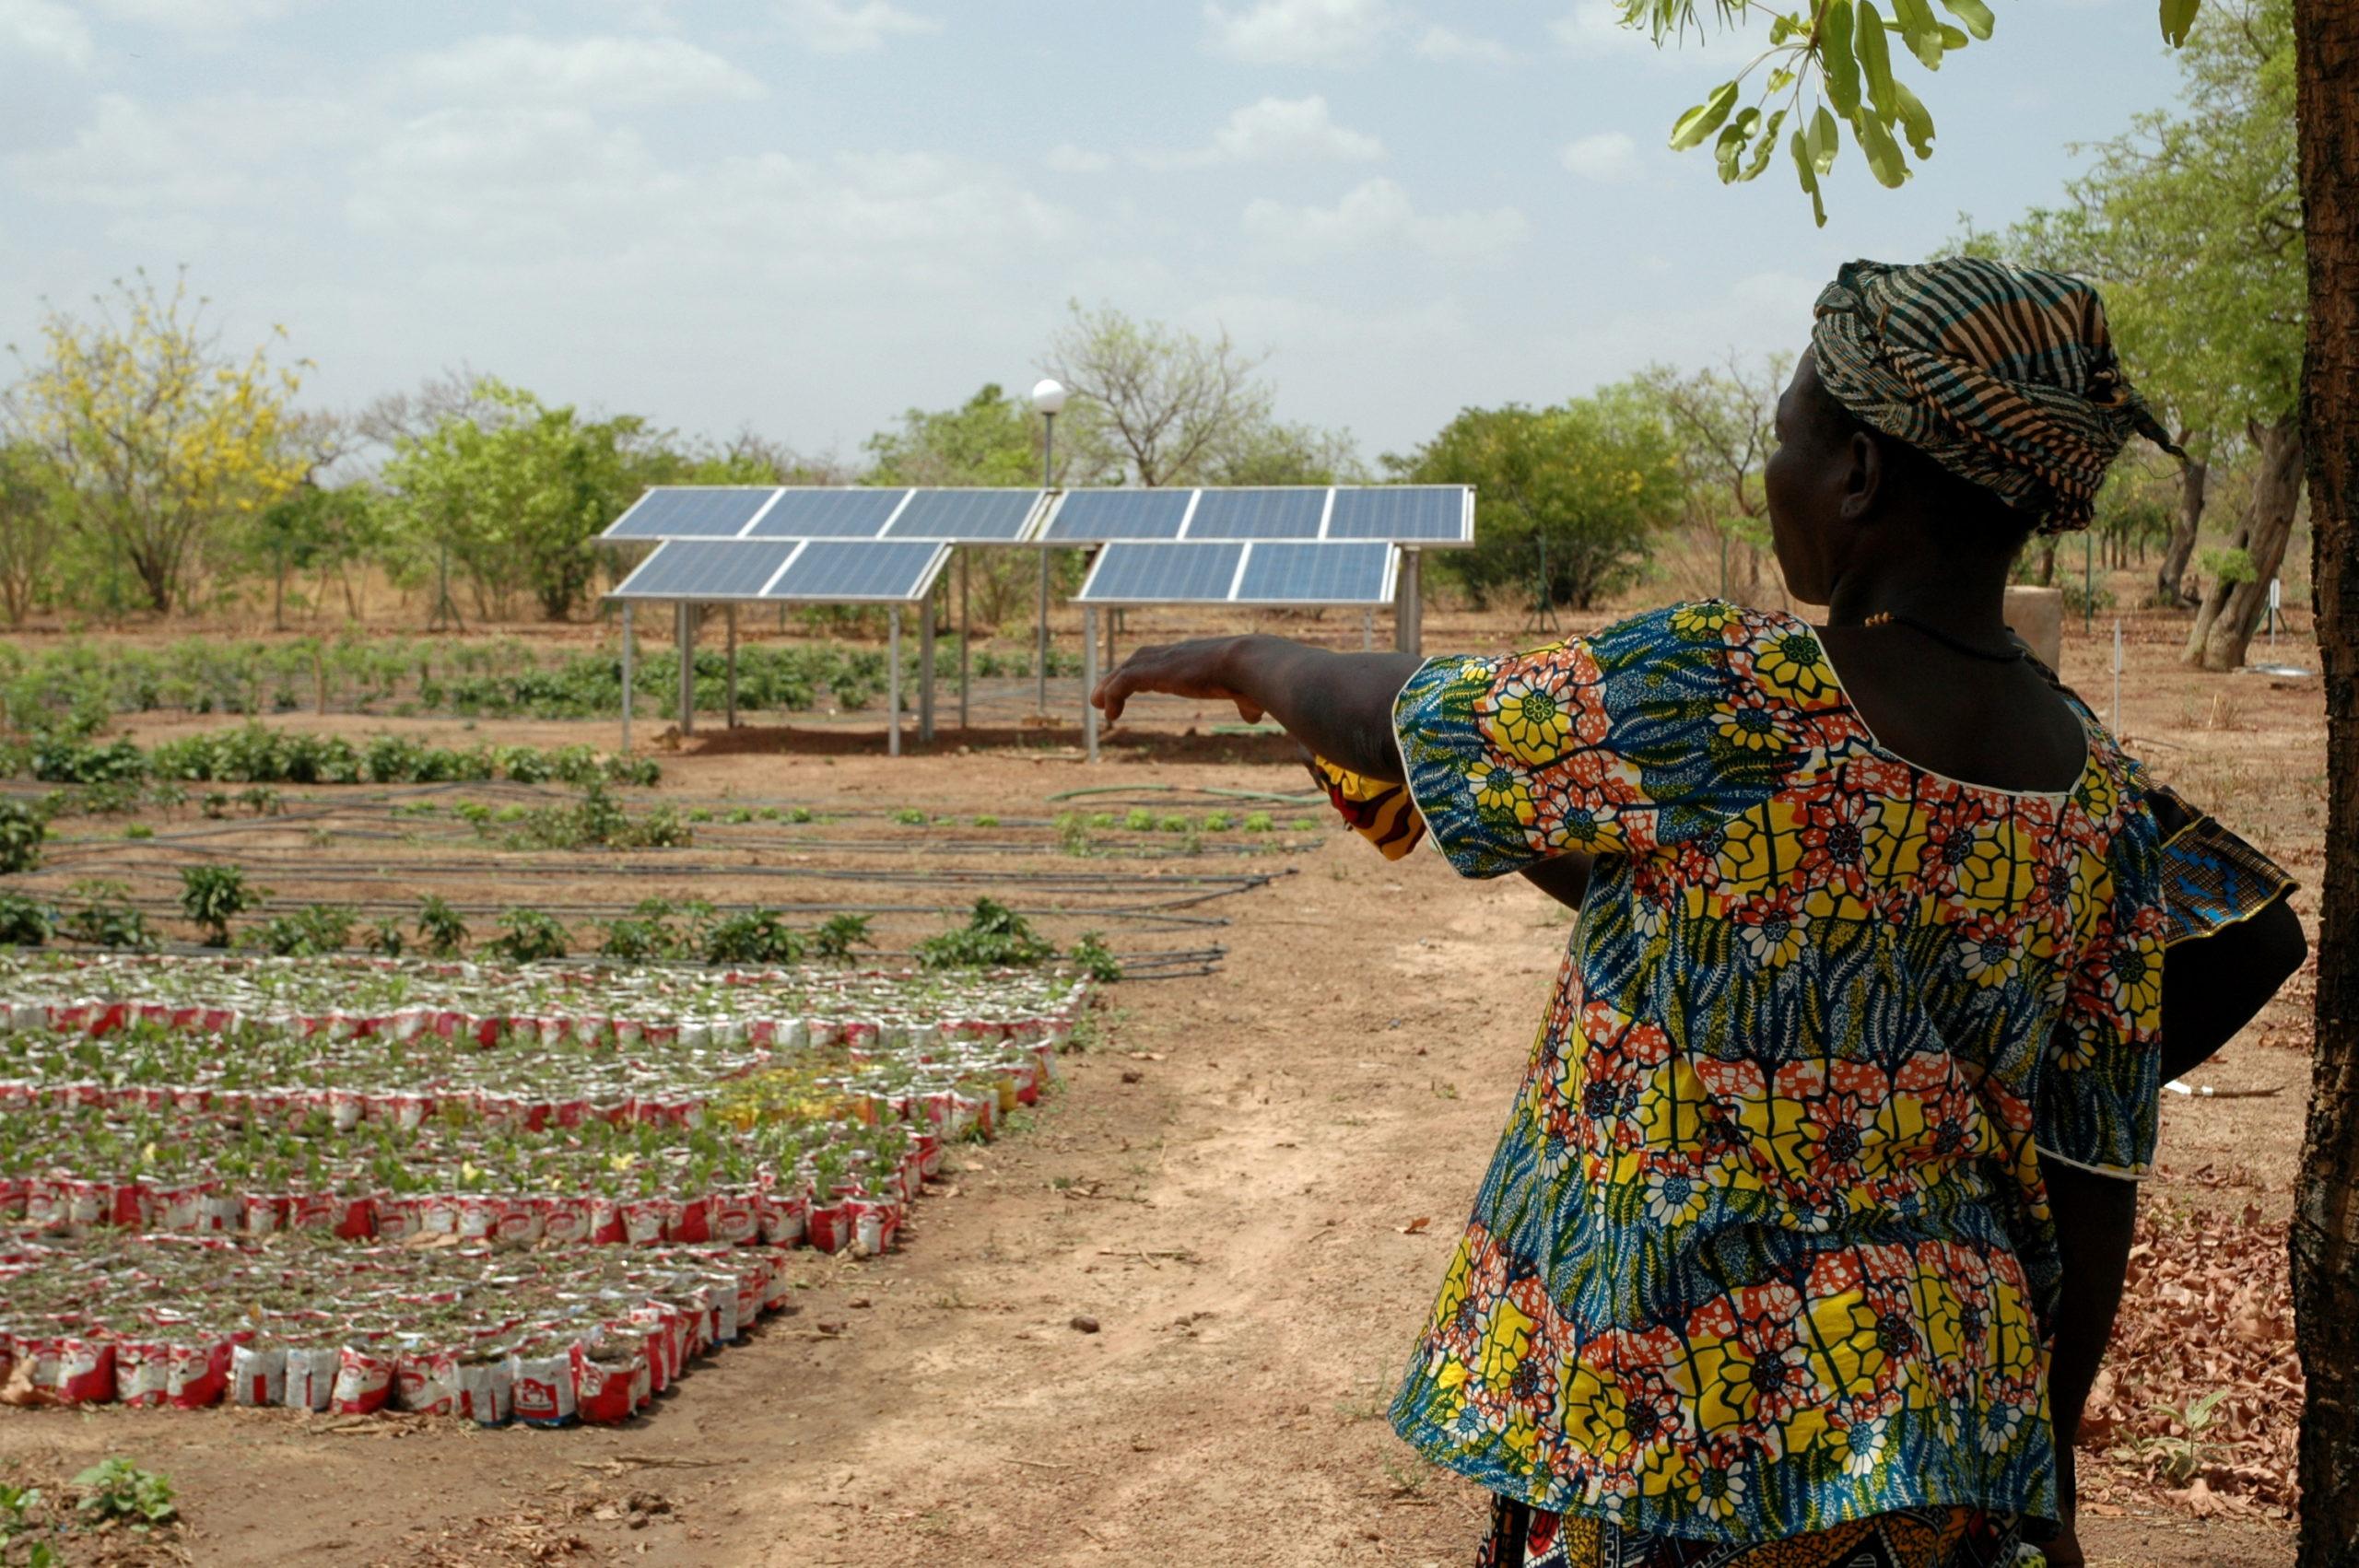 L'électrification des activités productives au Sahel : une condition de la résilience des territoires ruraux